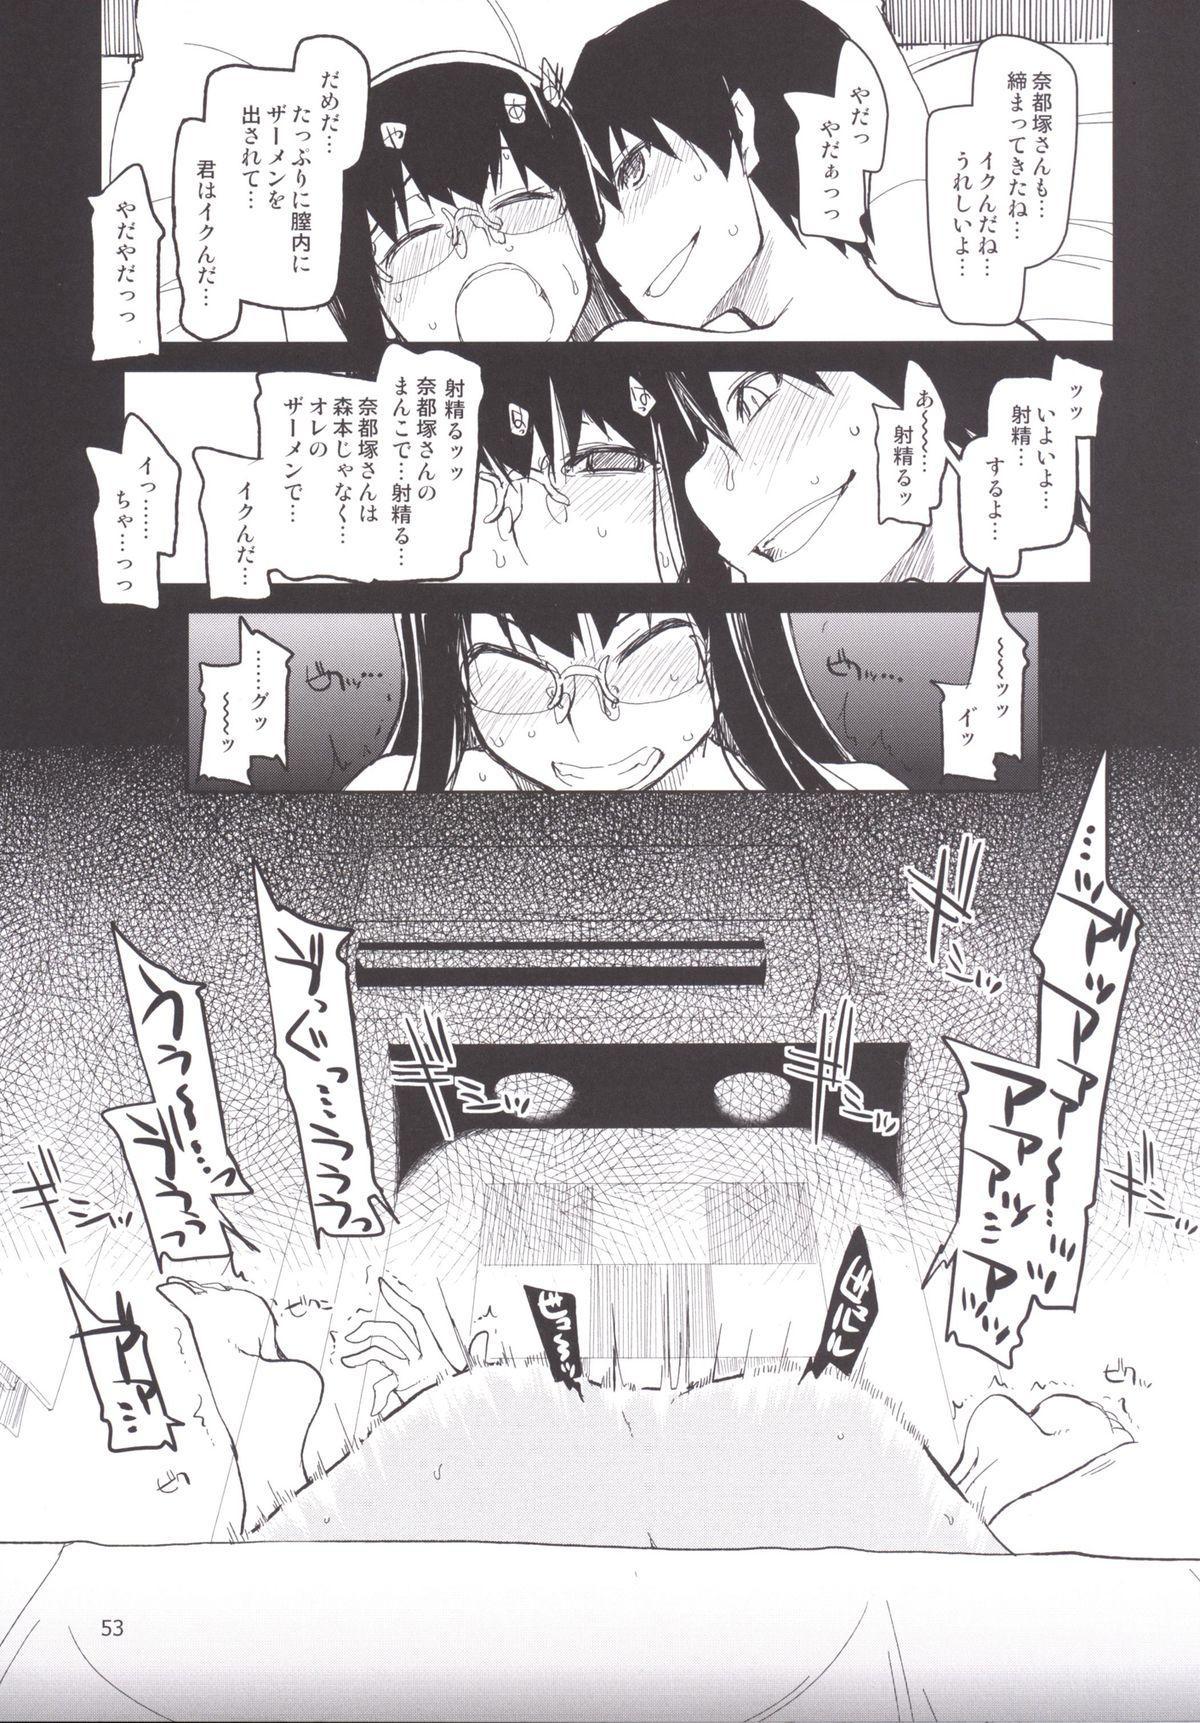 Natsuzuka-san no Himitsu. Soushuuhen Kouhen 67